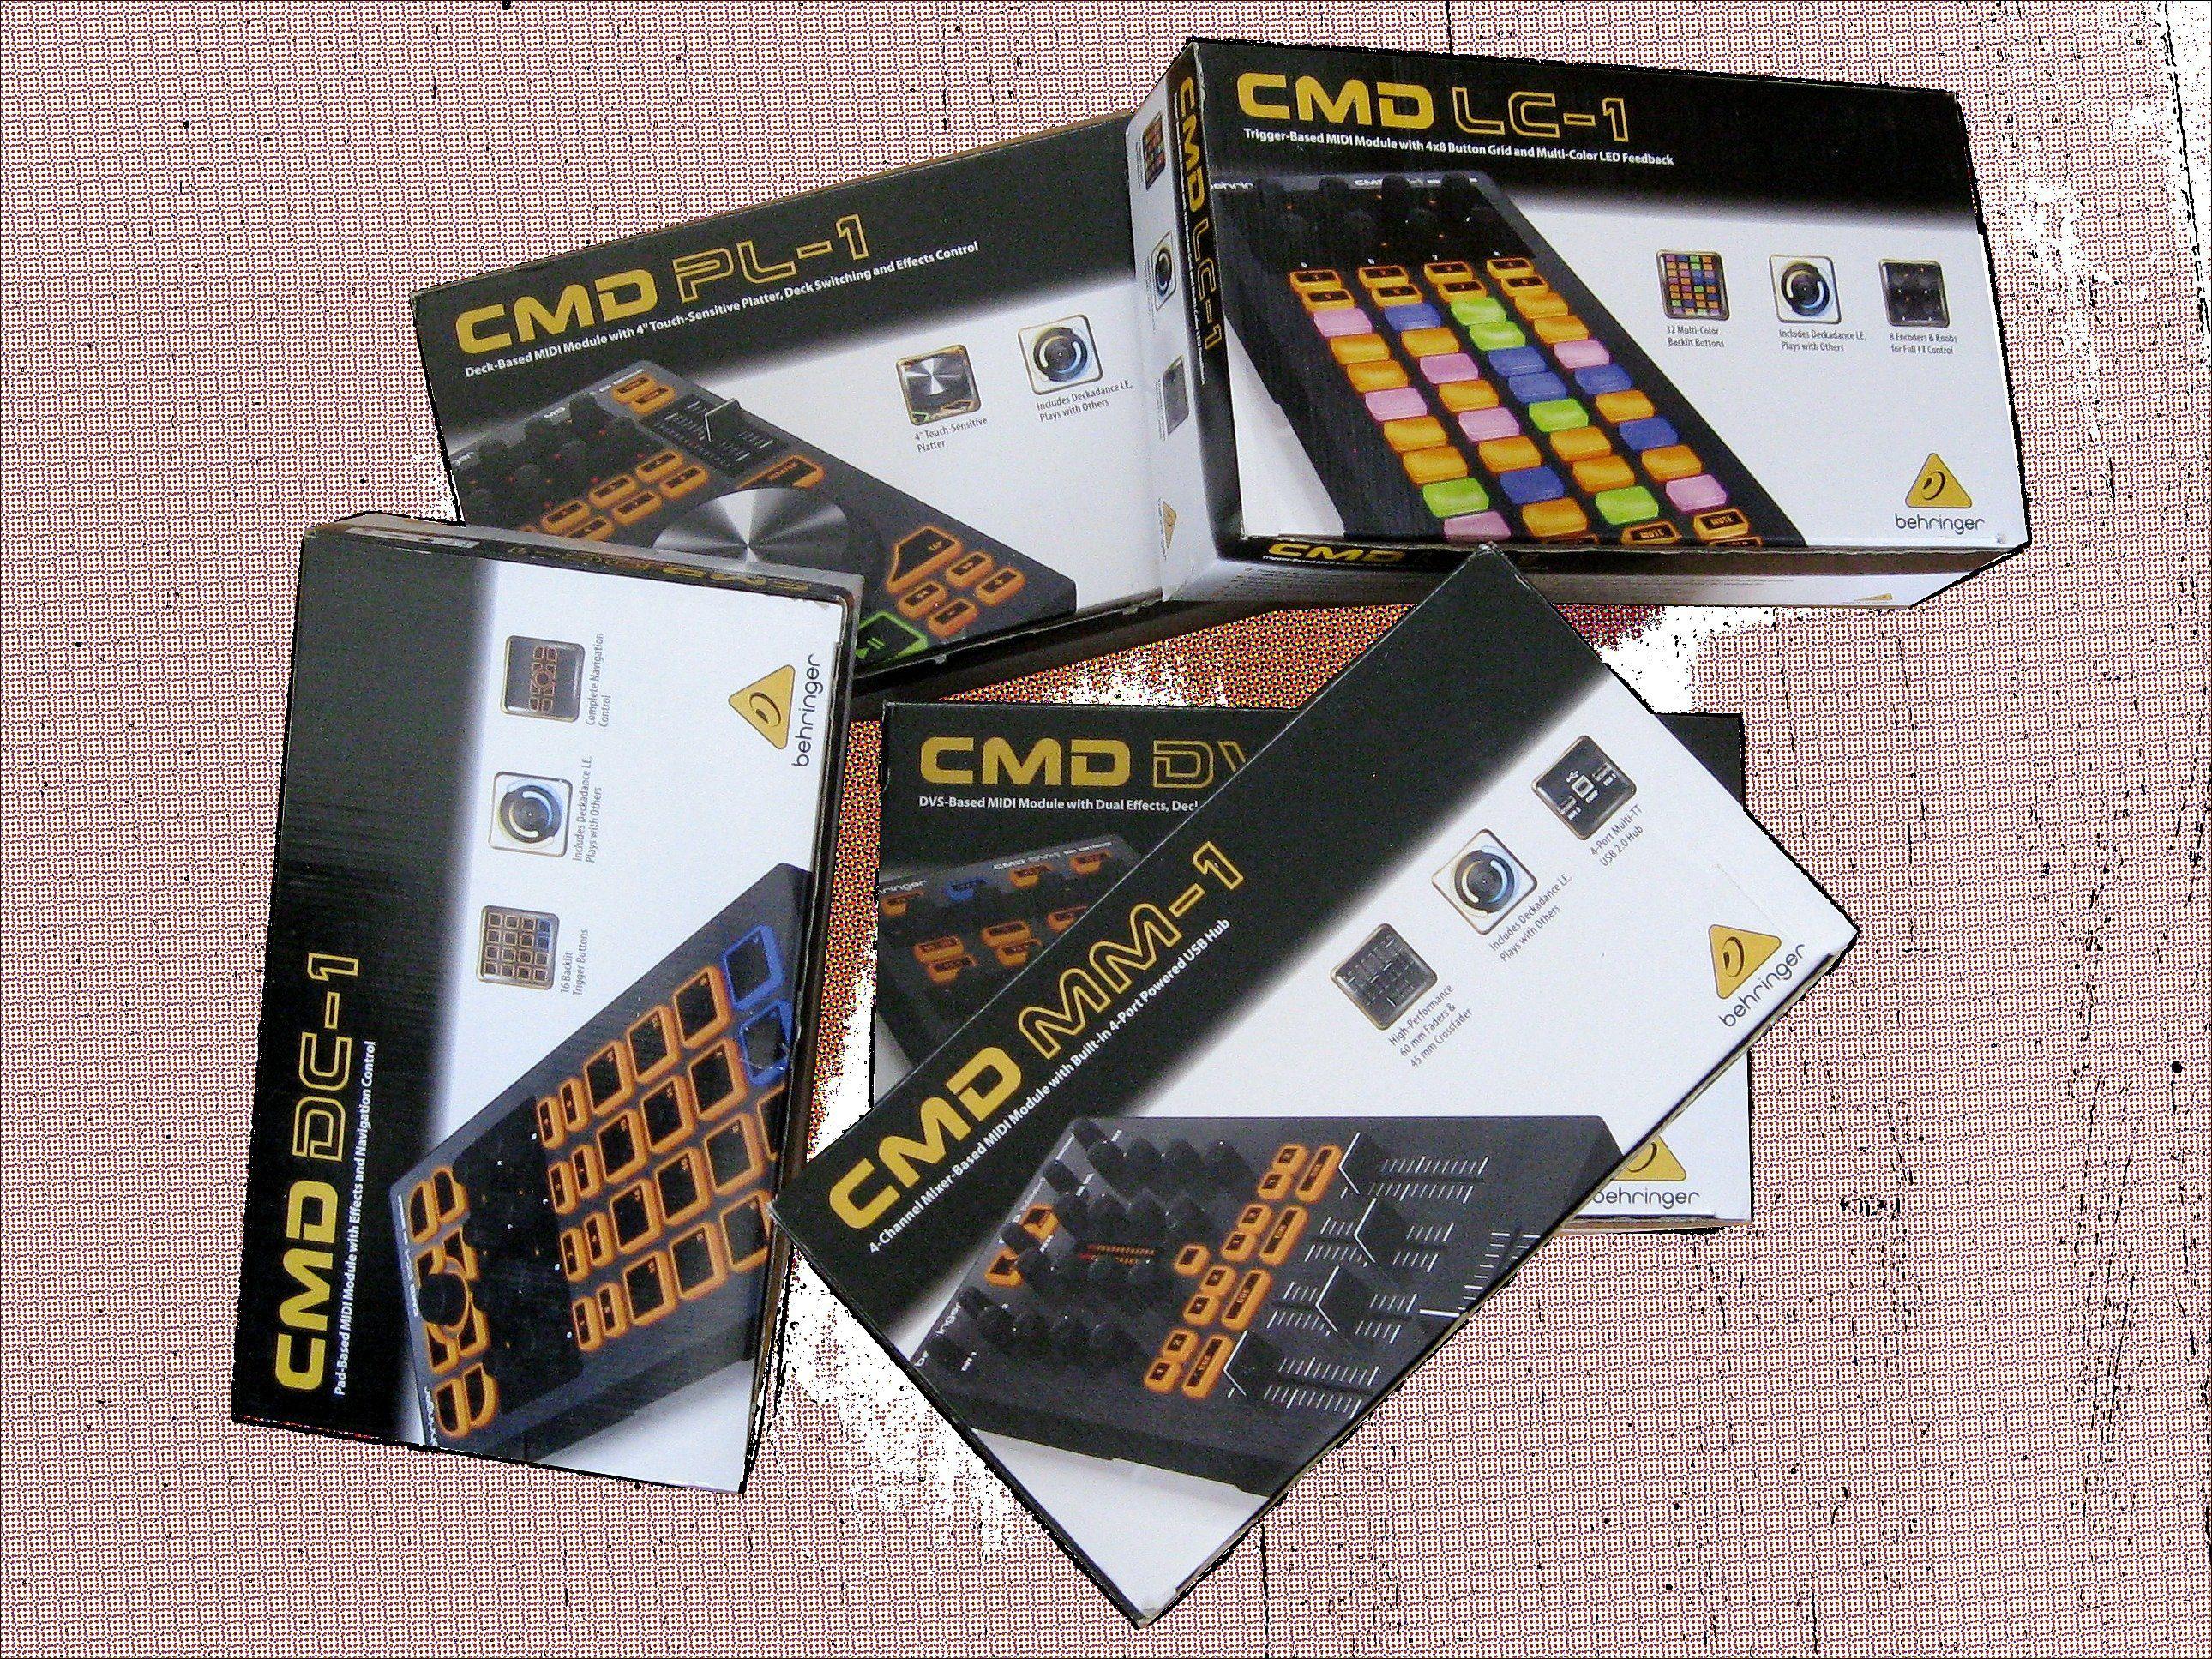 Test Behringer Cmd Mm 1 Cmd Dc 1 Cmd Dv 1 Usb Midi